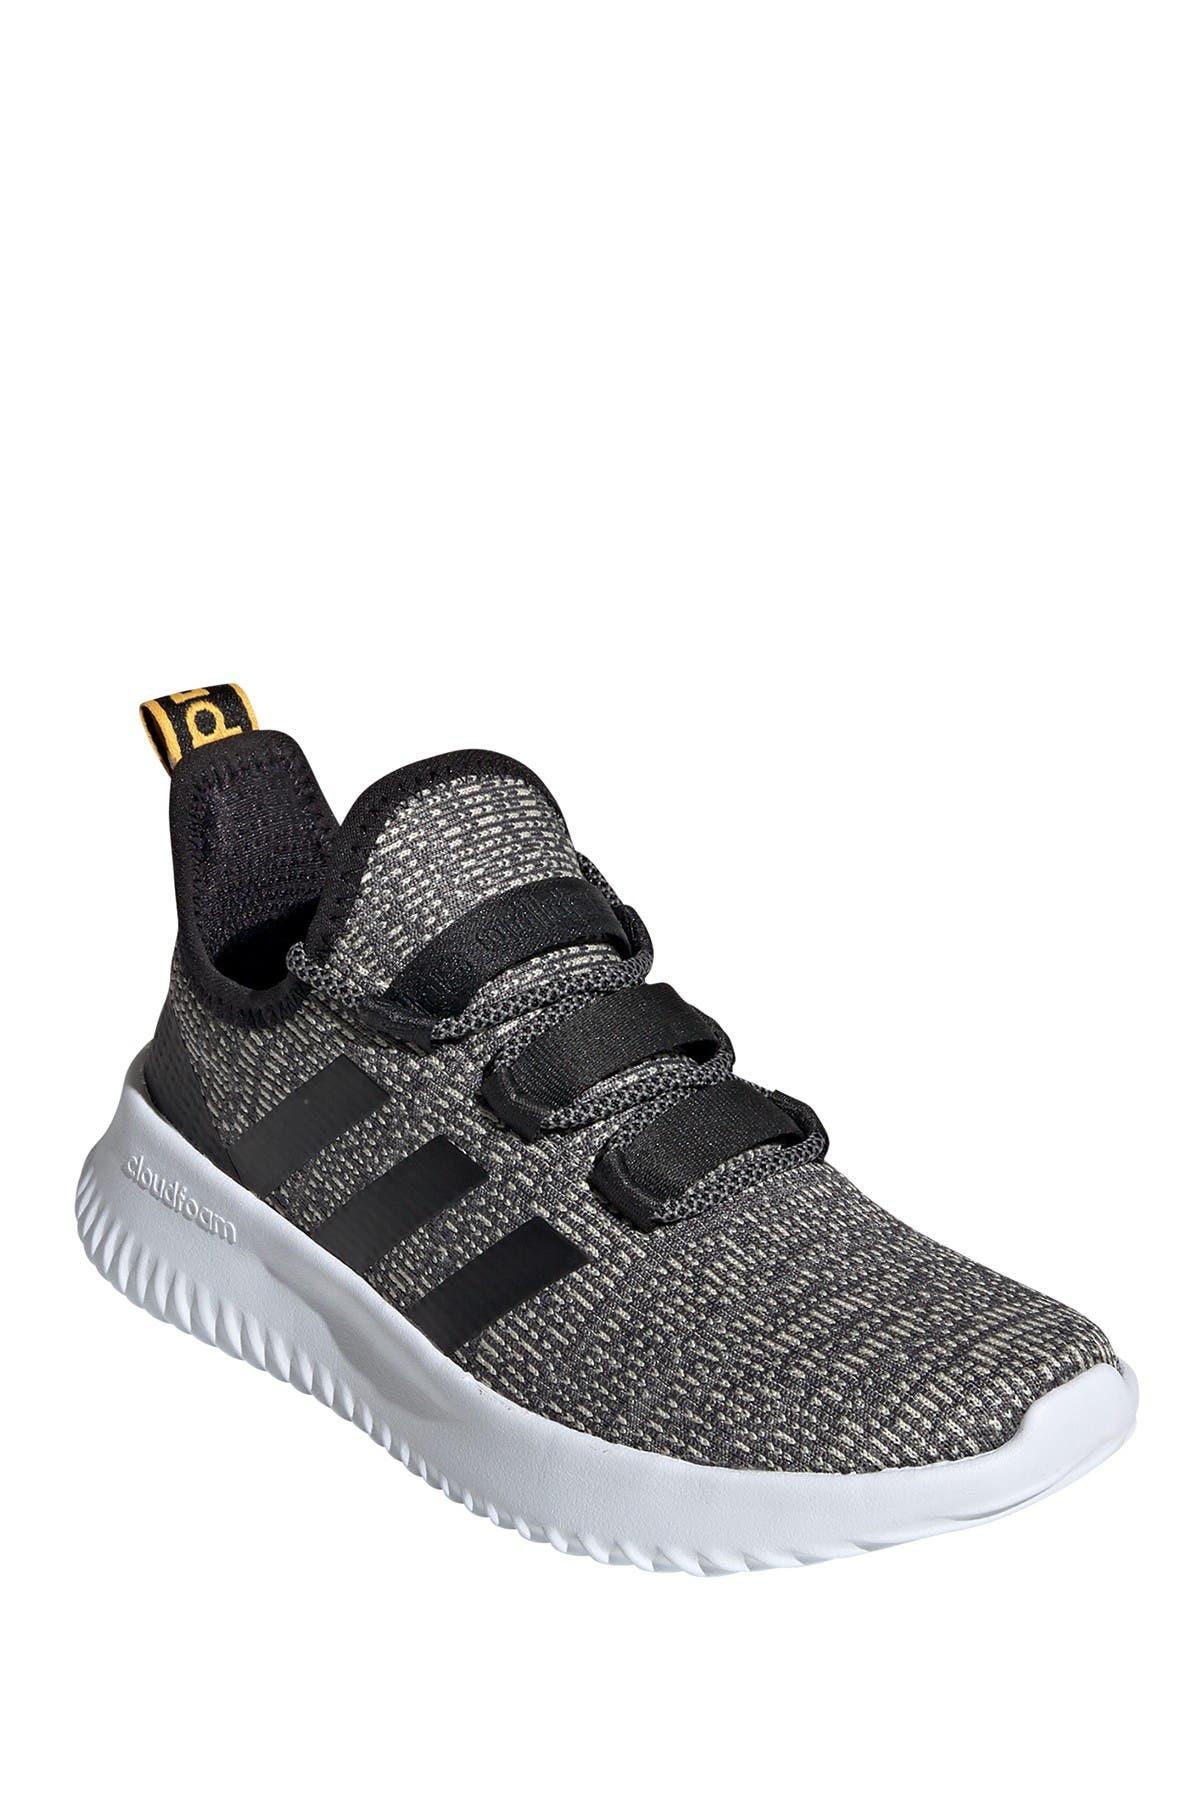 adidas | Kaptir K Sneaker | Nordstrom Rack